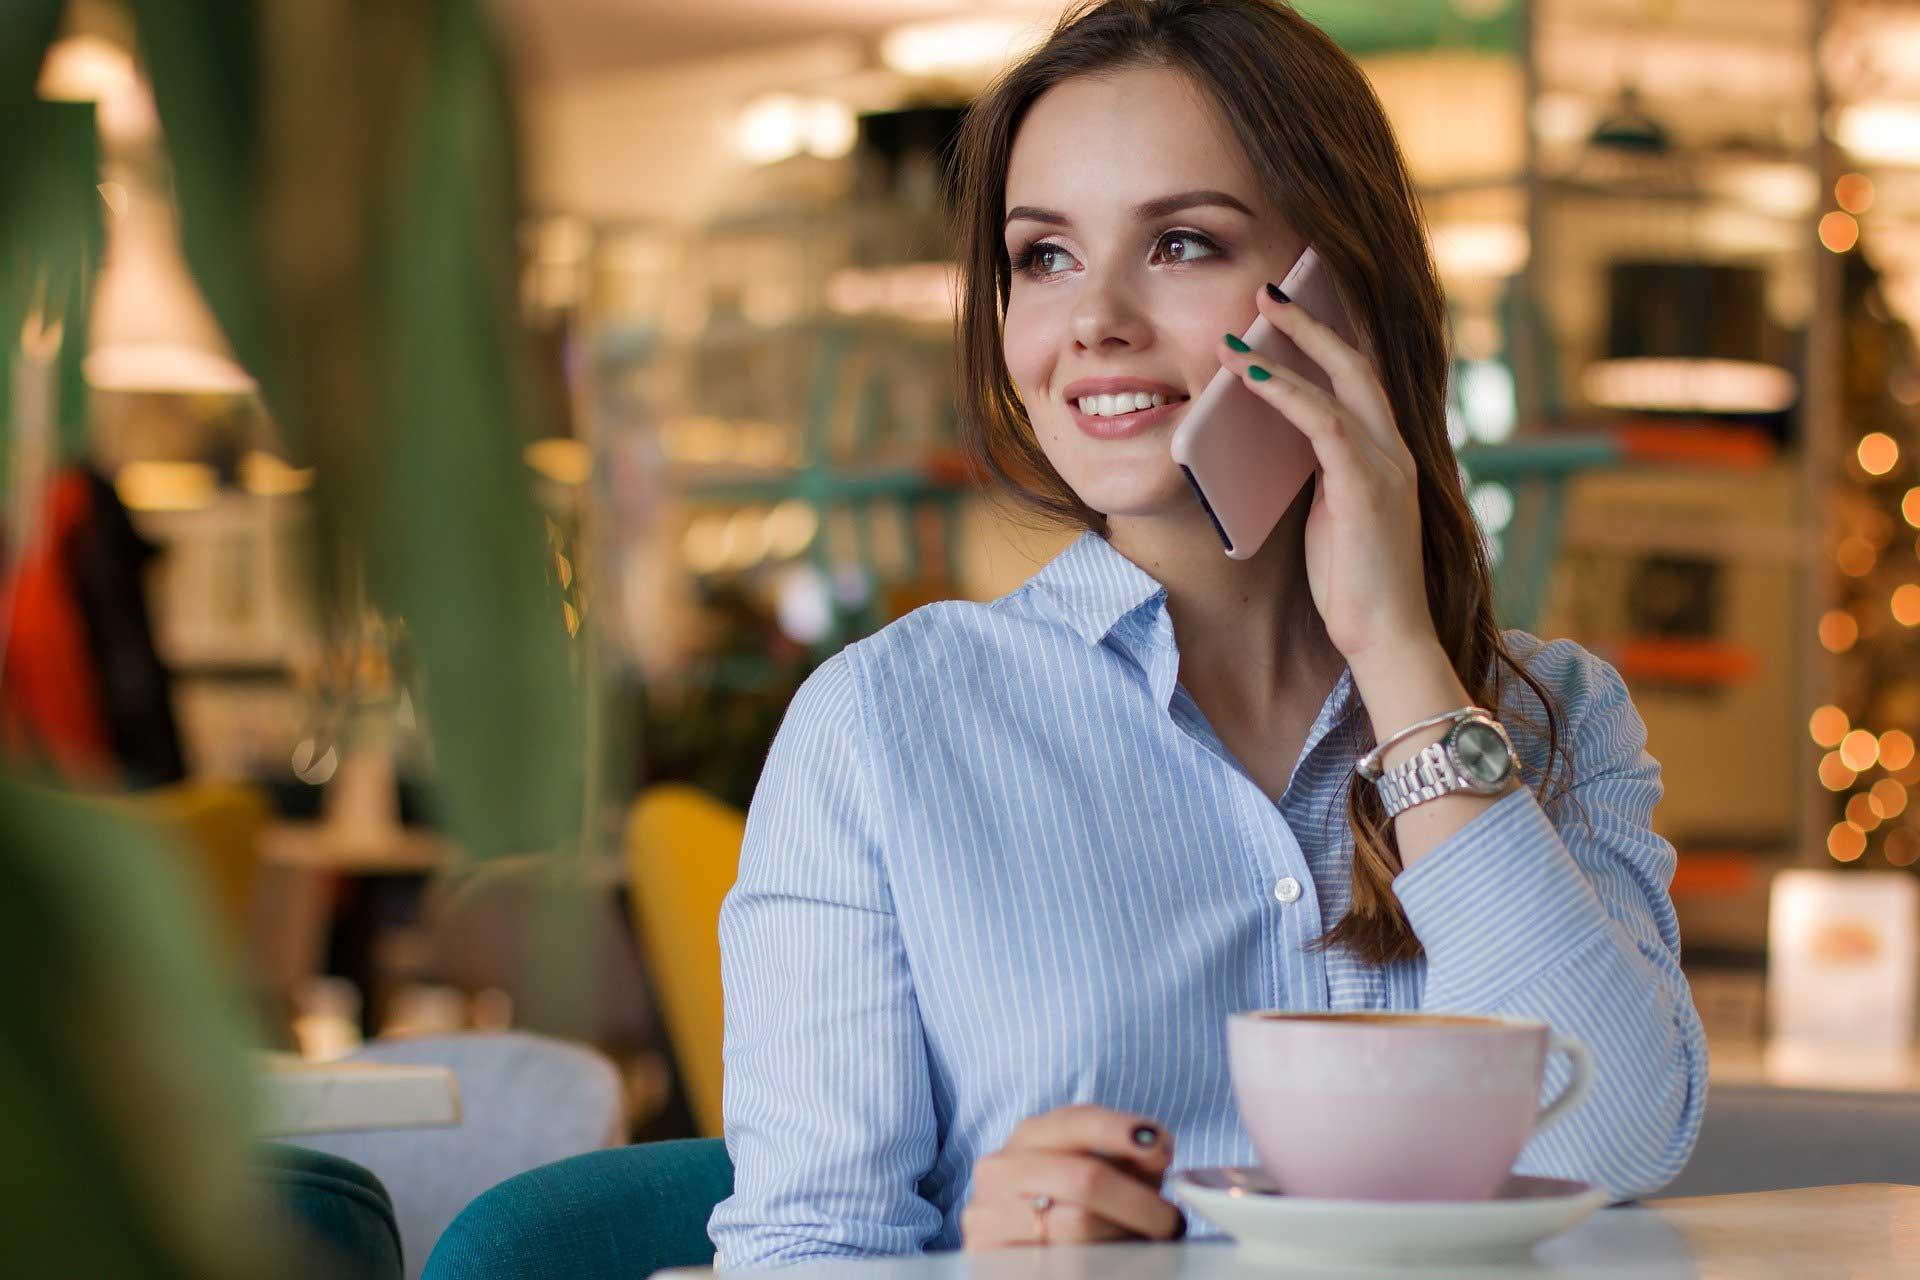 Kahve icerken telefon kullanan kadin.